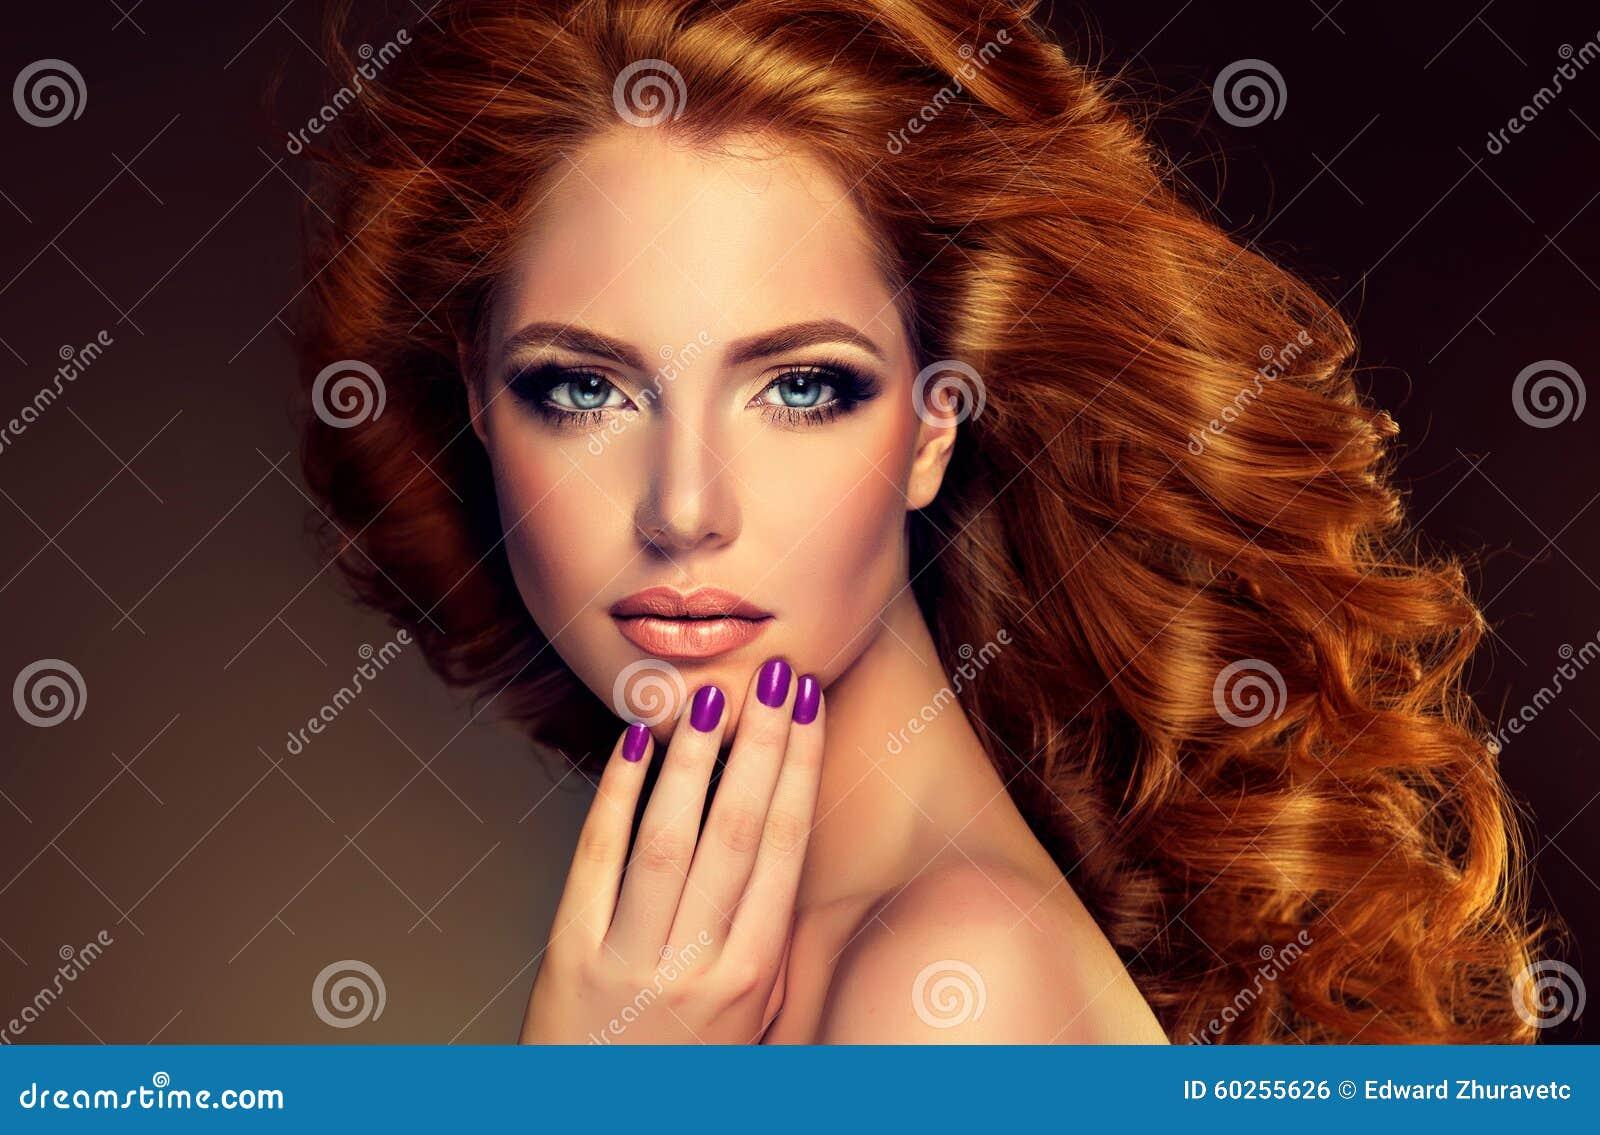 Mujer principal roja de la imagen de moda y clavos púrpuras